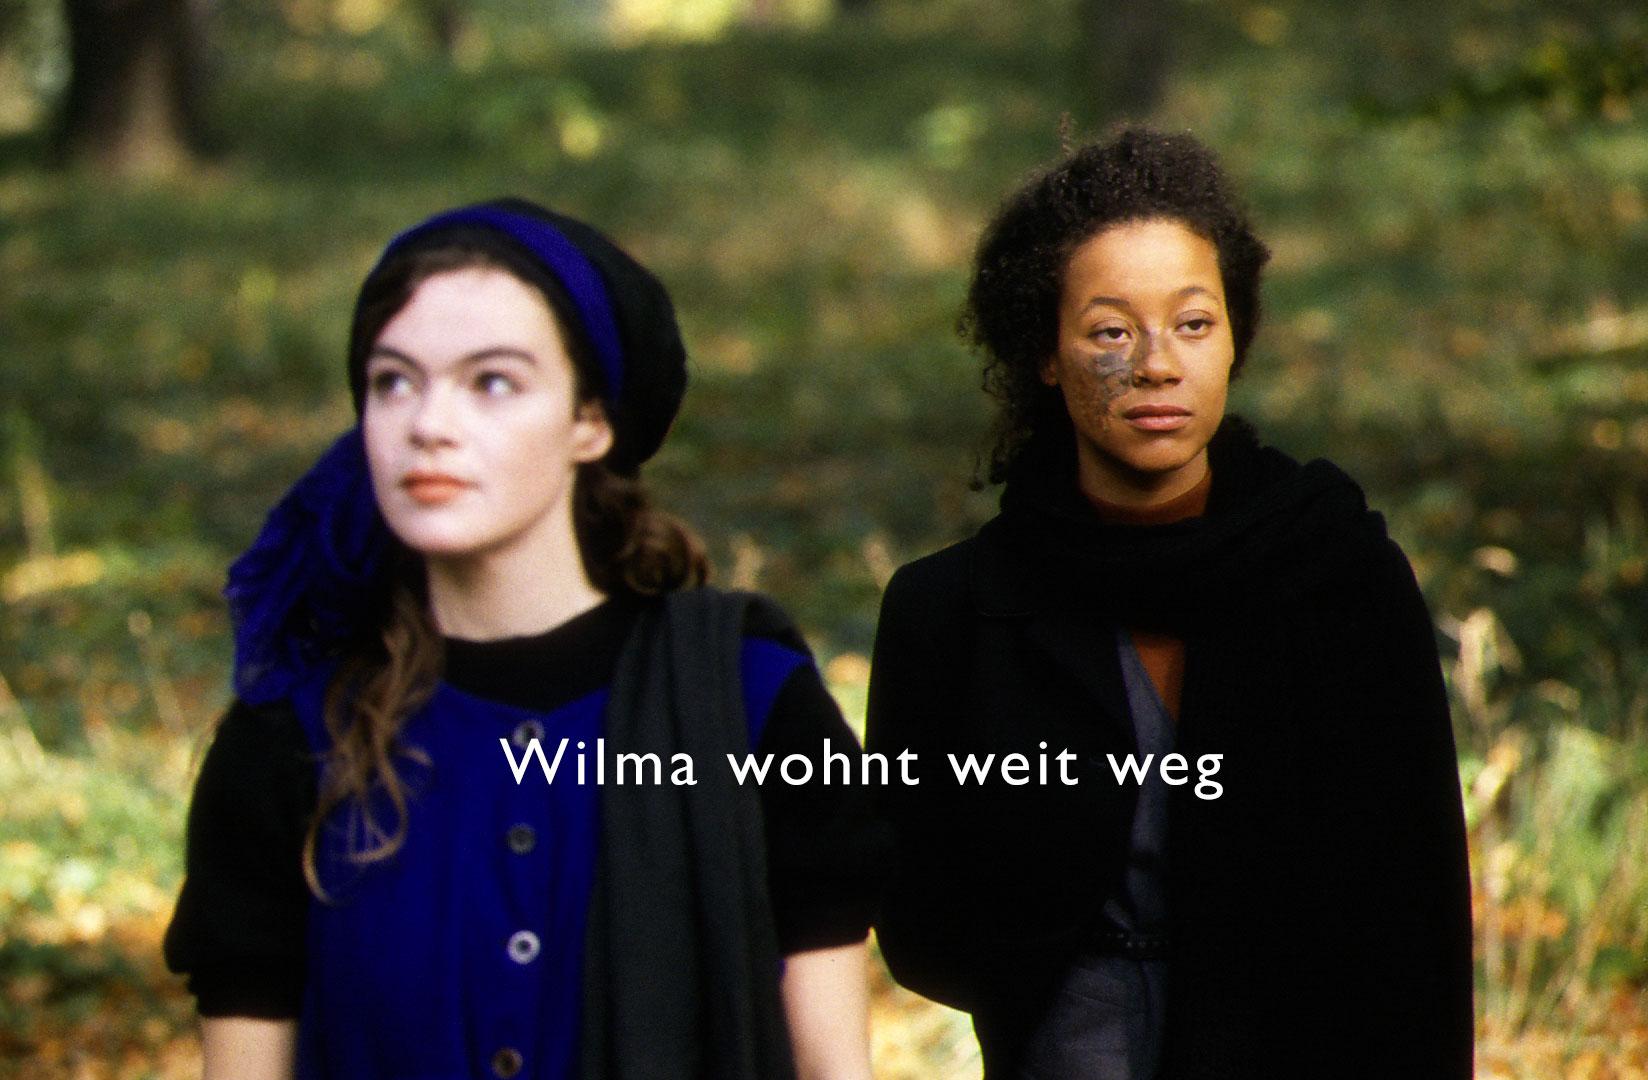 Wilma_Filmtitel